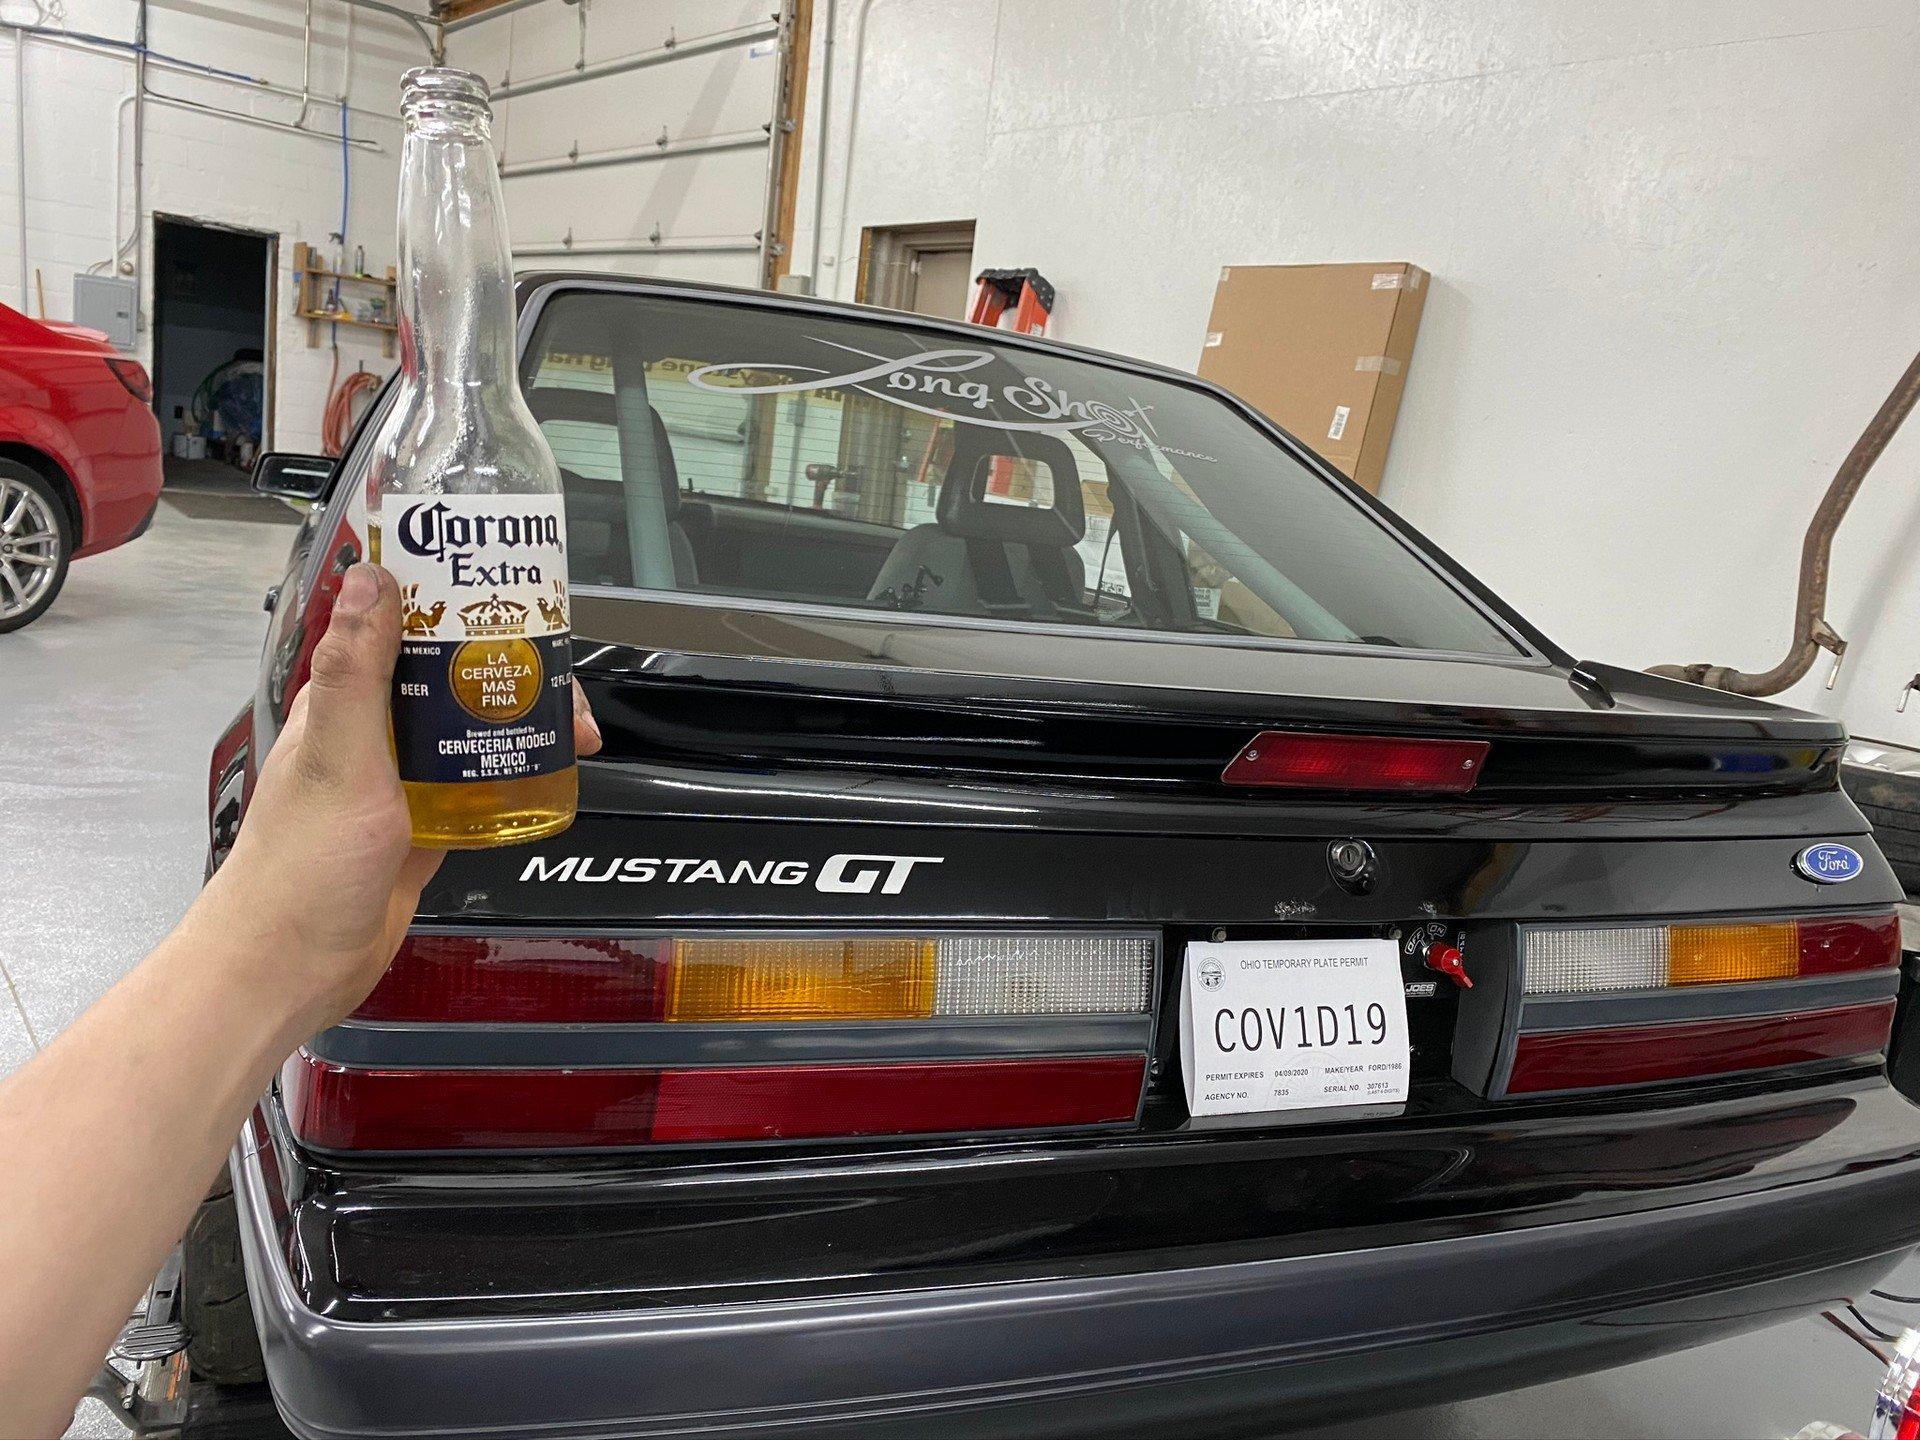 В США автомобилист оформил номер в честь коронавируса (COV1D19)